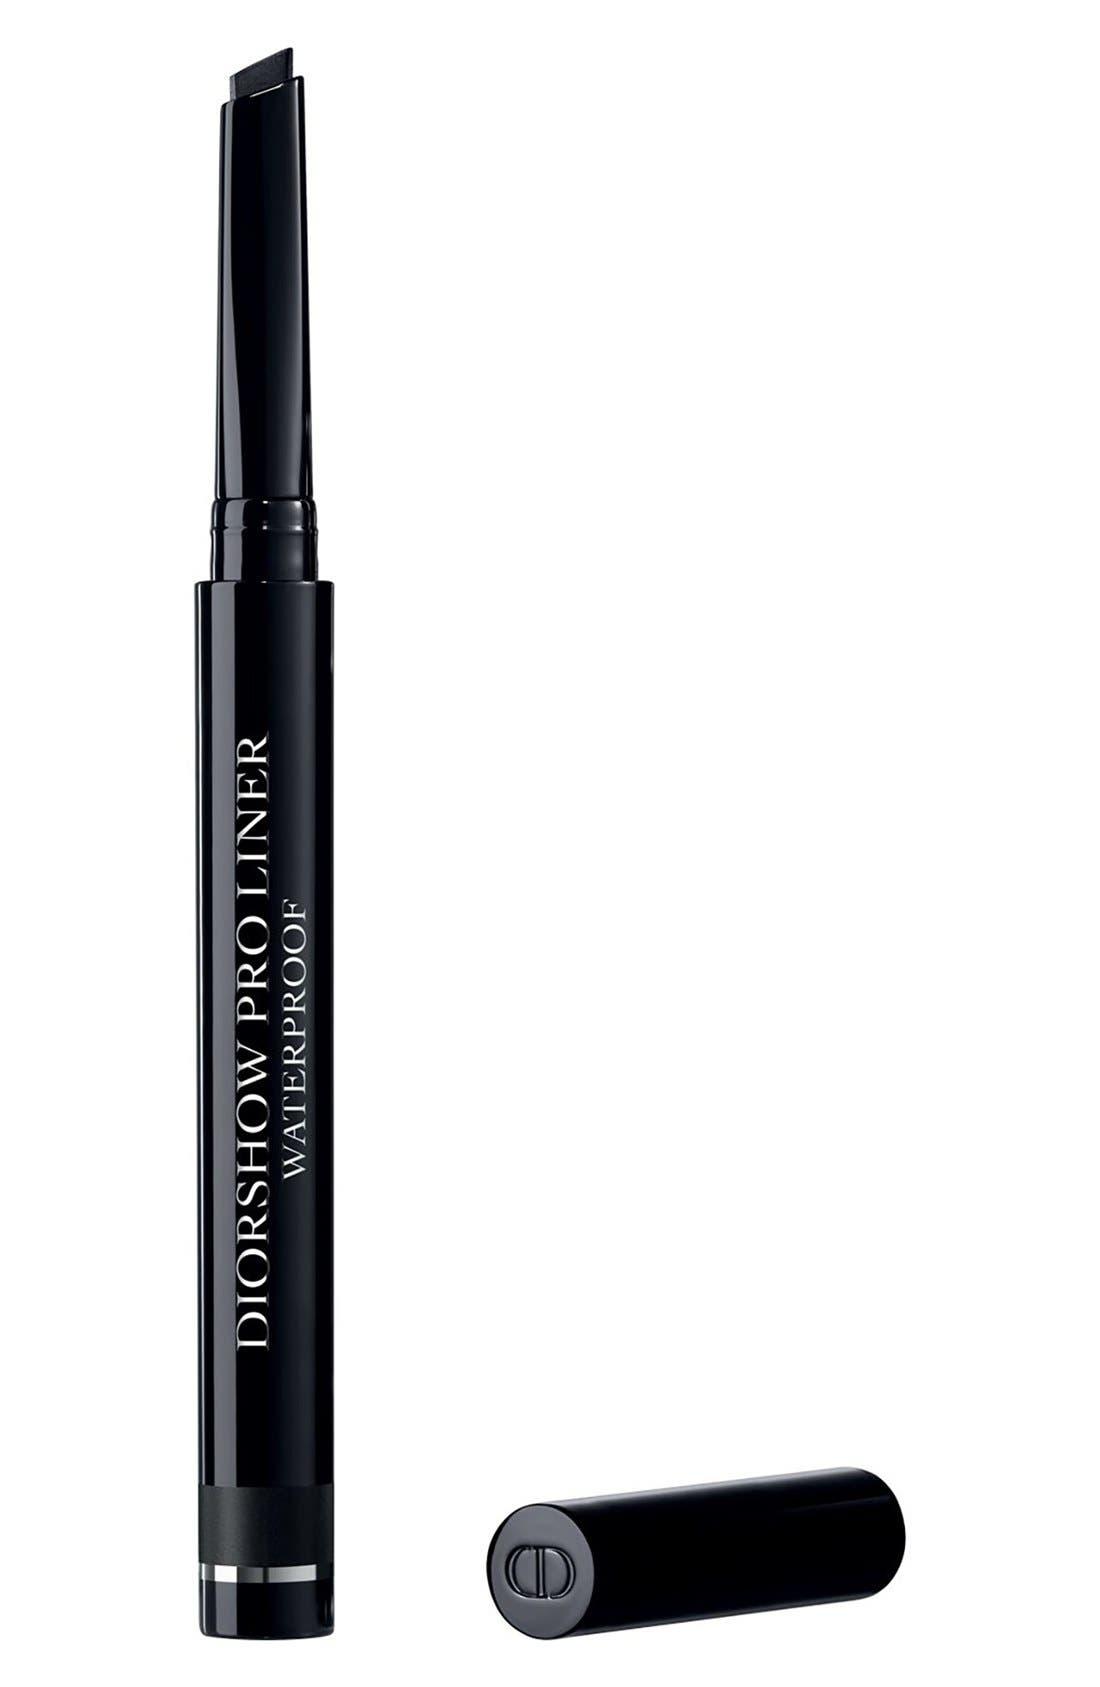 Dior 'Diorshow' Waterproof Pro Liner